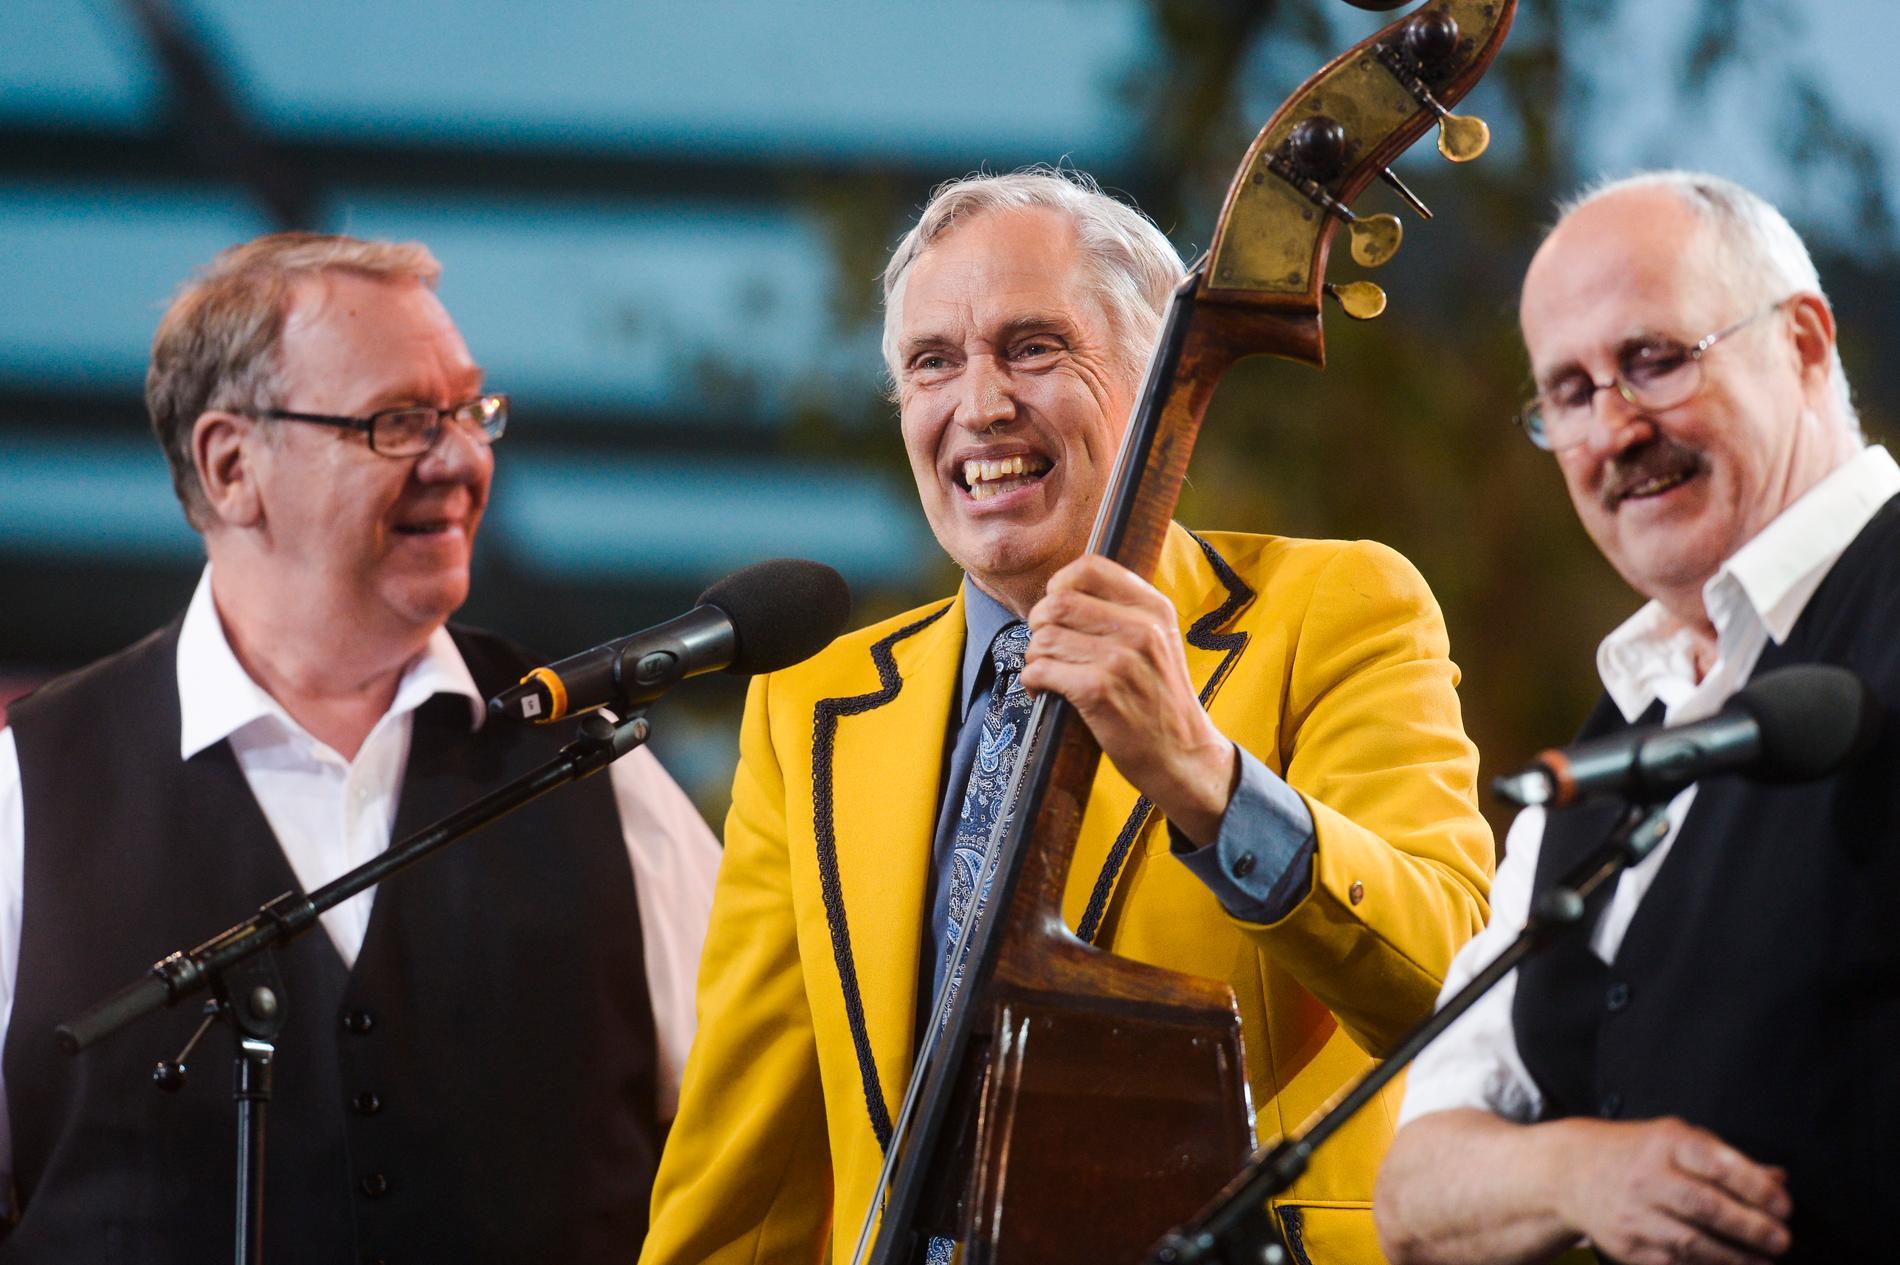 """Vänner i nästan 60 år. Trio me' Bumbas Jan """"Bumba"""" Lindqvist (mitten) berättar om sorgen efter sin vän."""